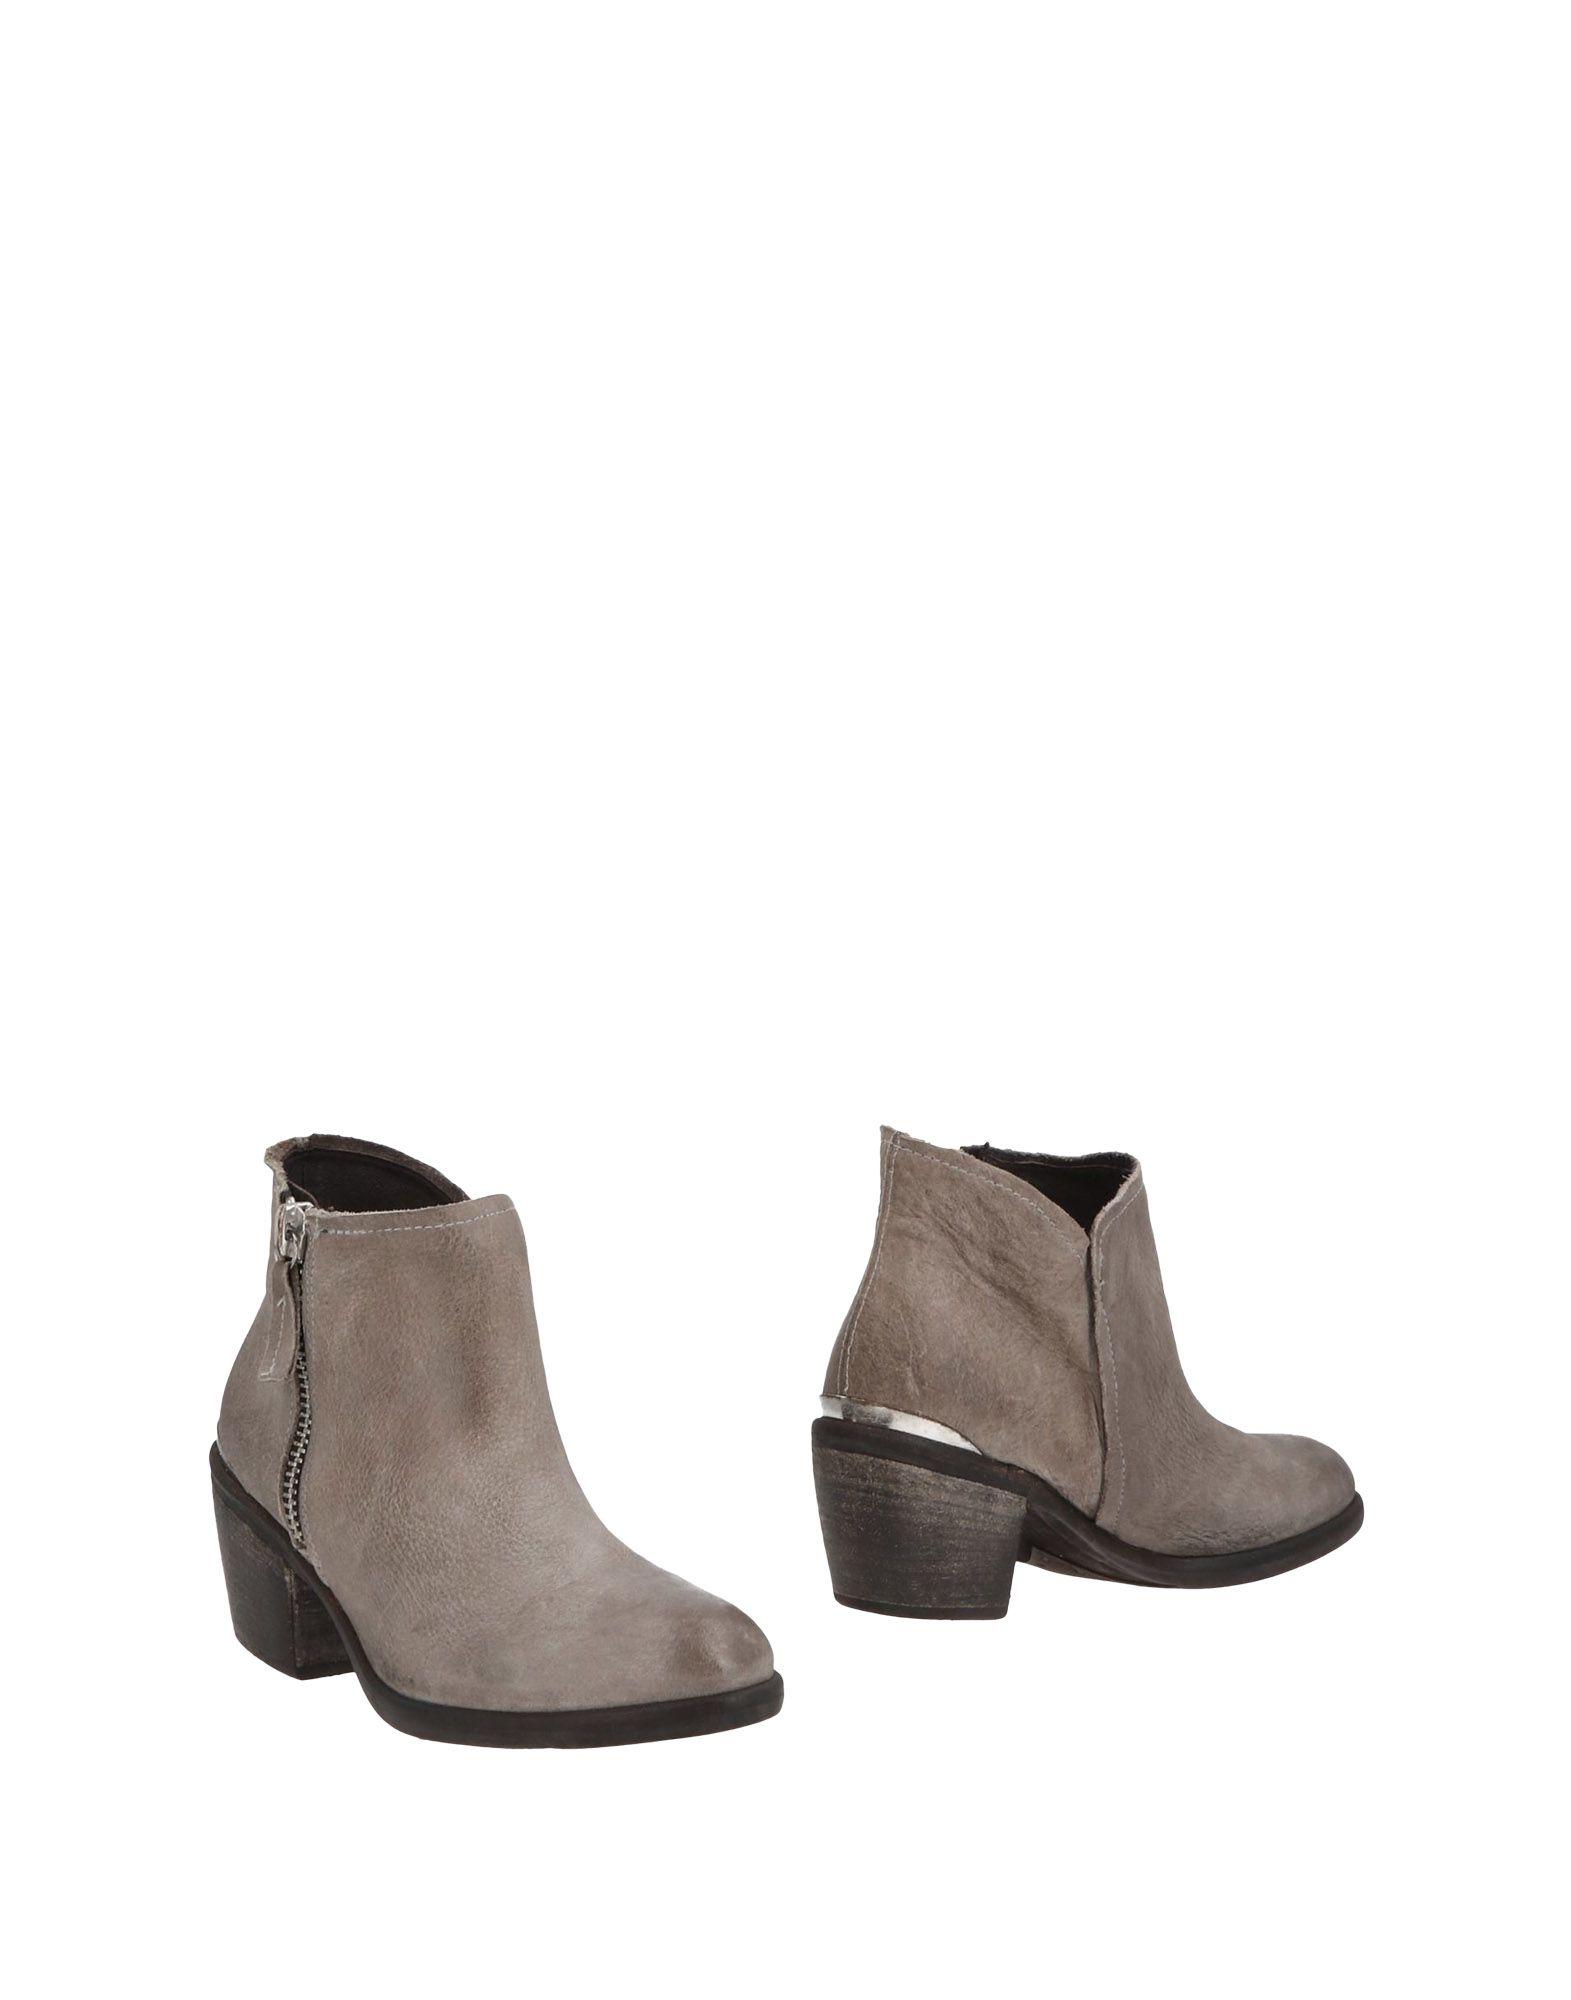 Hangar Stiefelette Damen  11481458TC Gute Qualität beliebte Schuhe